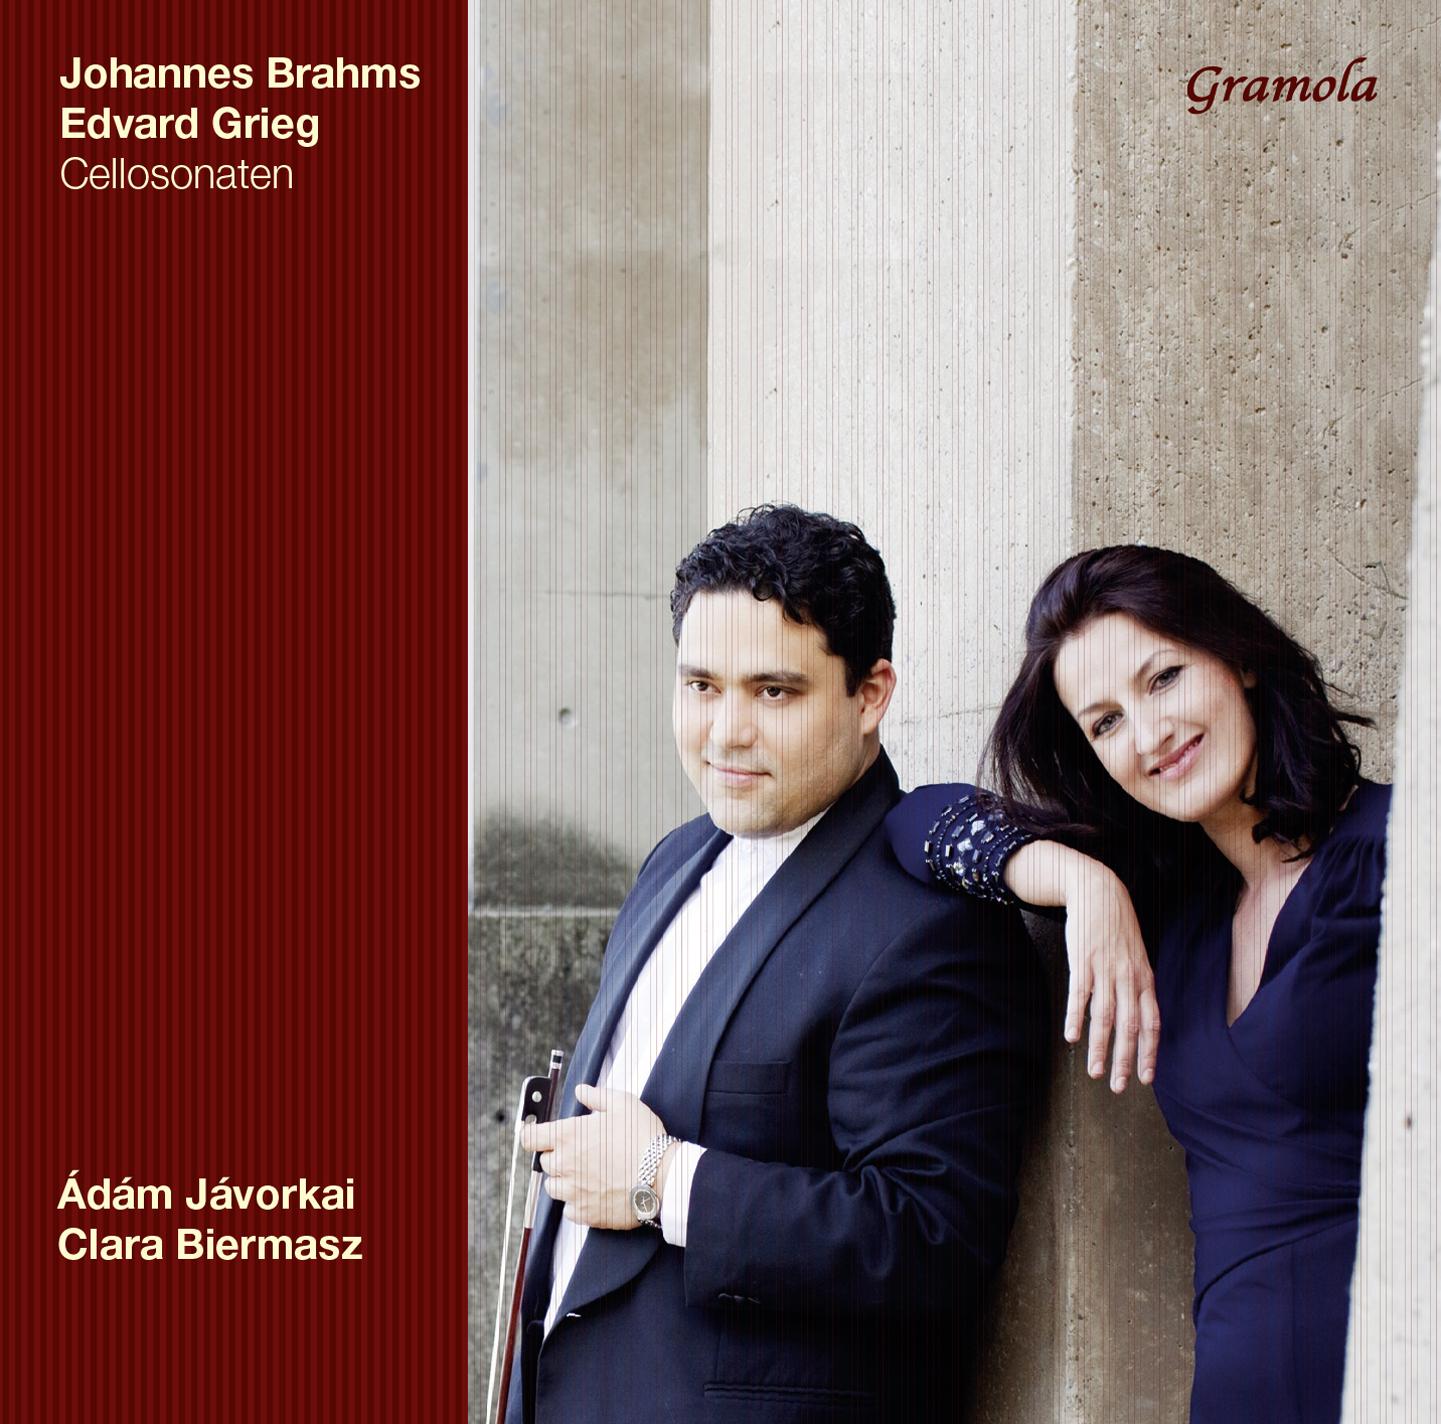 Brahms & Grieg: Cellosonaten